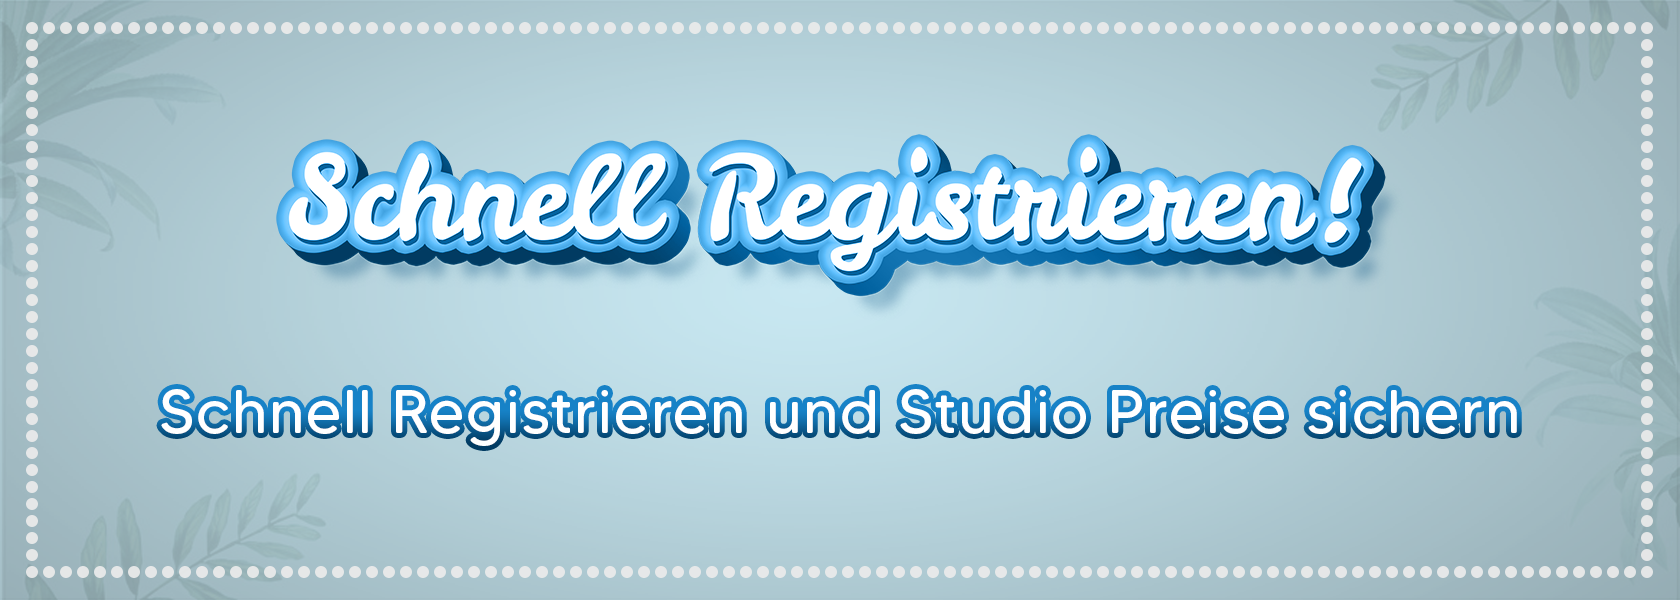 Schnell Registrieren und Studio Preise sichern